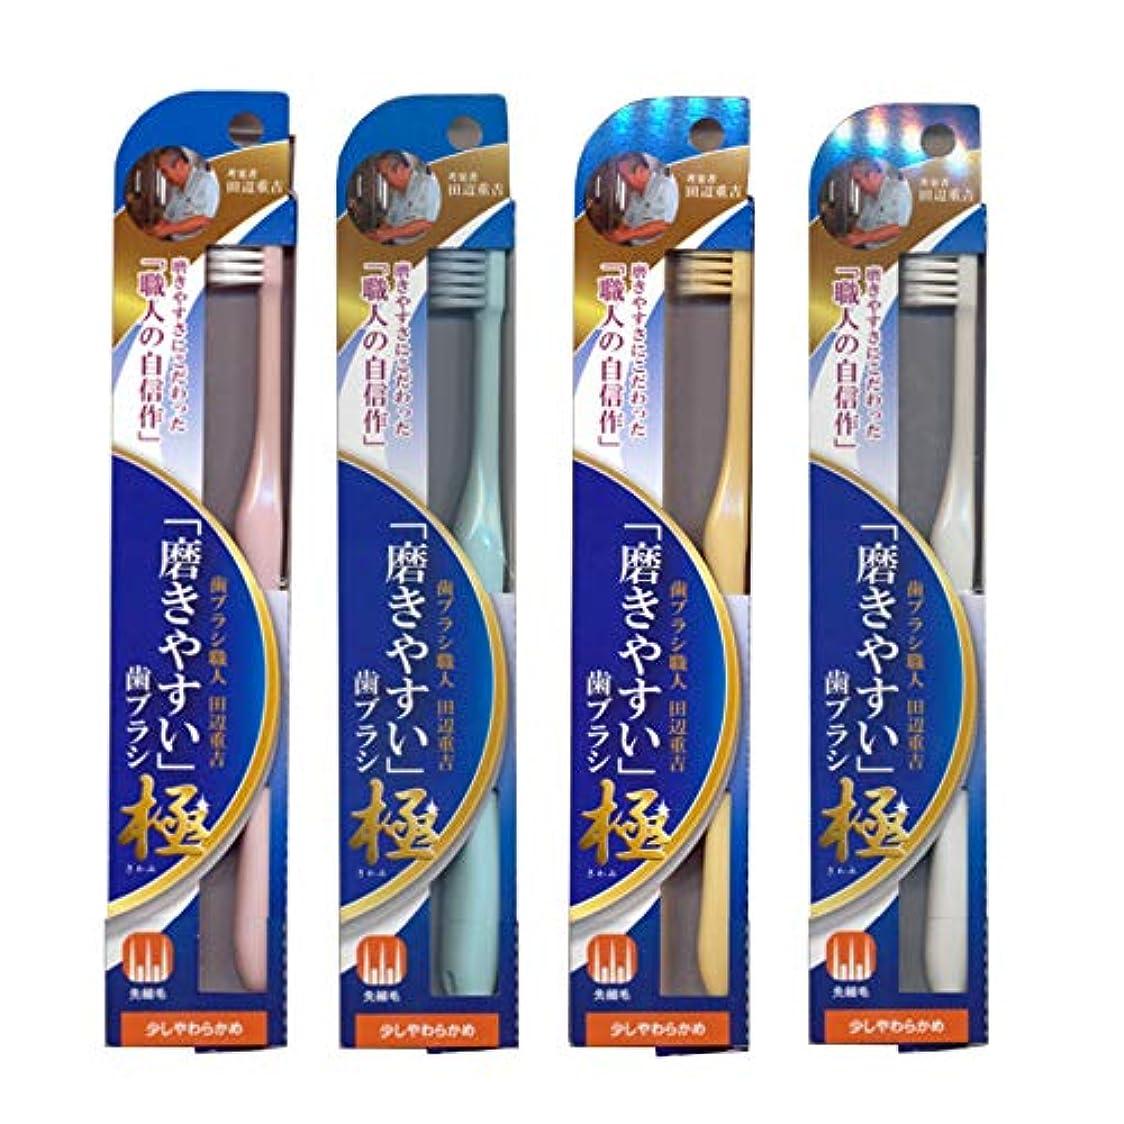 正当なシェフ空いている磨きやすい歯ブラシ極 (少し柔らかめ) LT-43×4本セット(ピンク×1、ブルー×1、ホワイト×1、イエロー×1) 先細毛